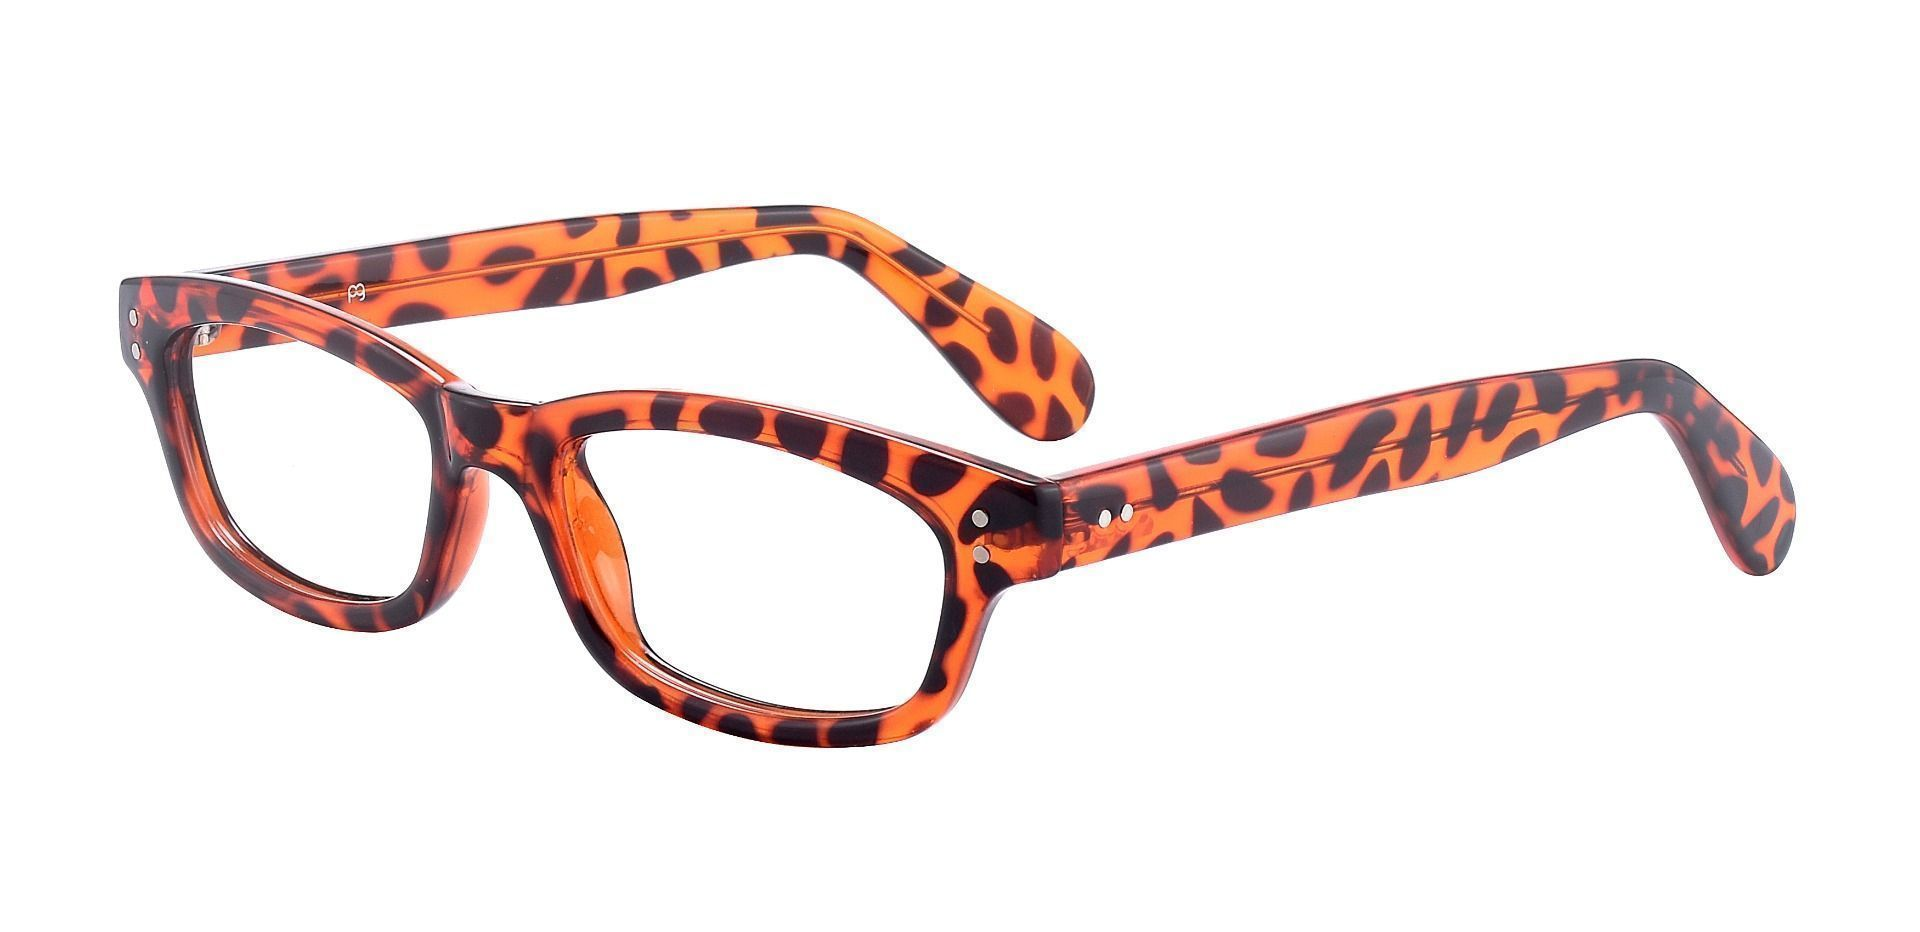 Panthera Rectangle Reading Glasses - Orange Crystal Tort